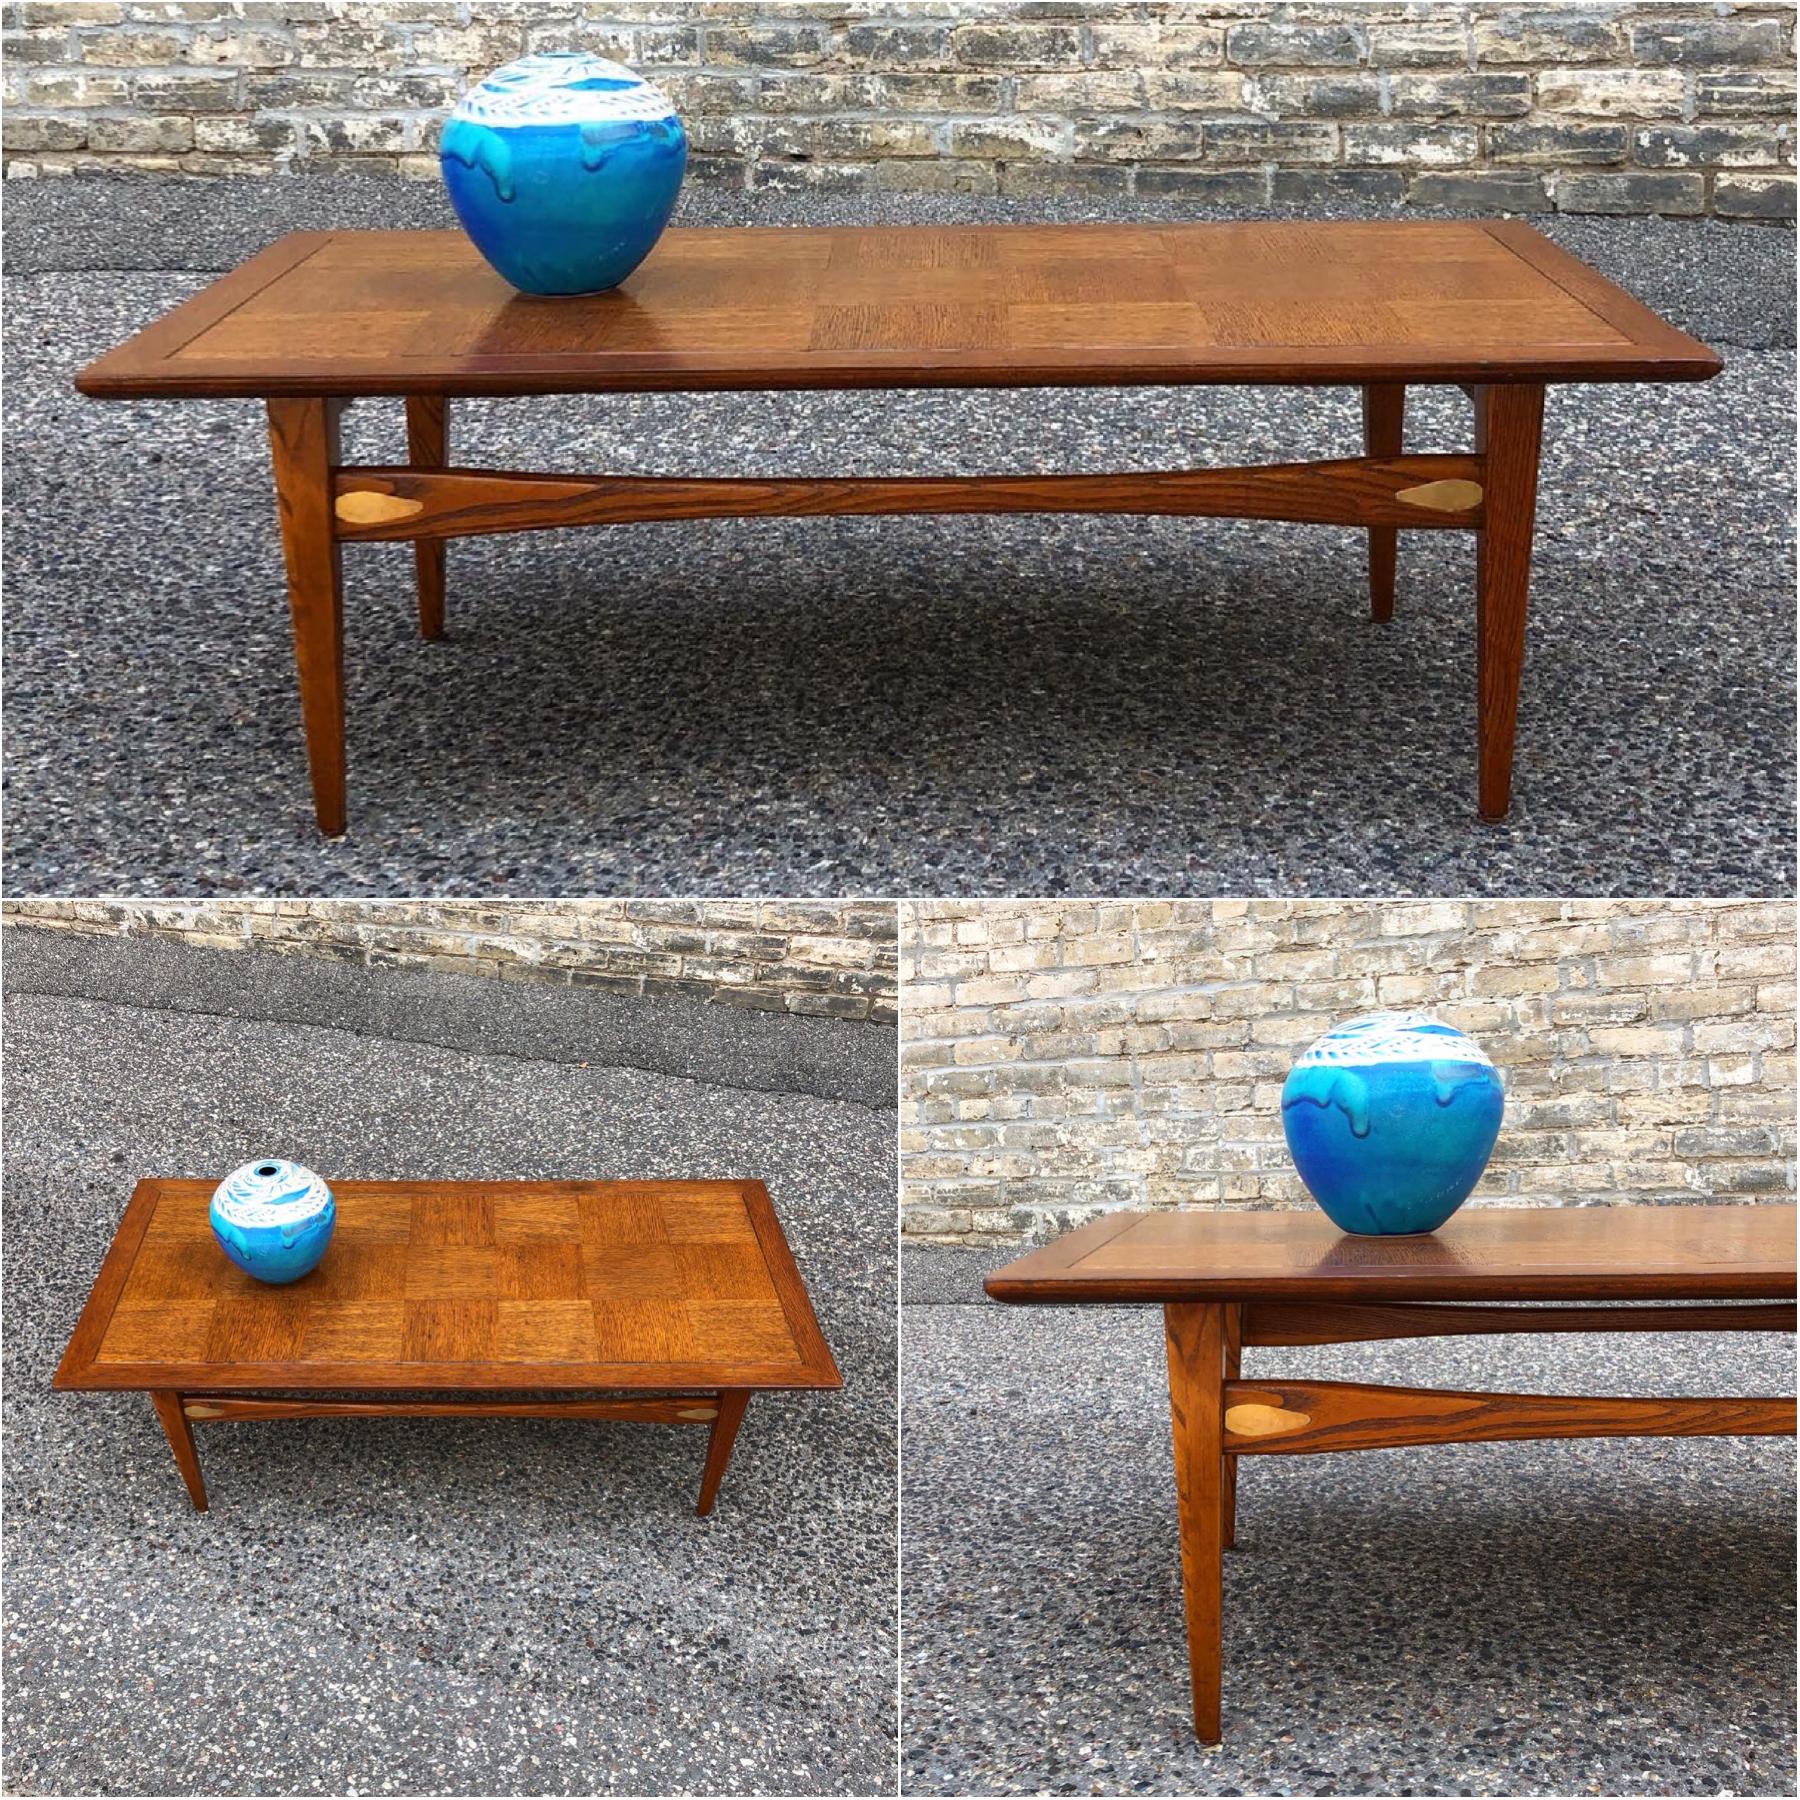 1957 Lane Furniture coffee table